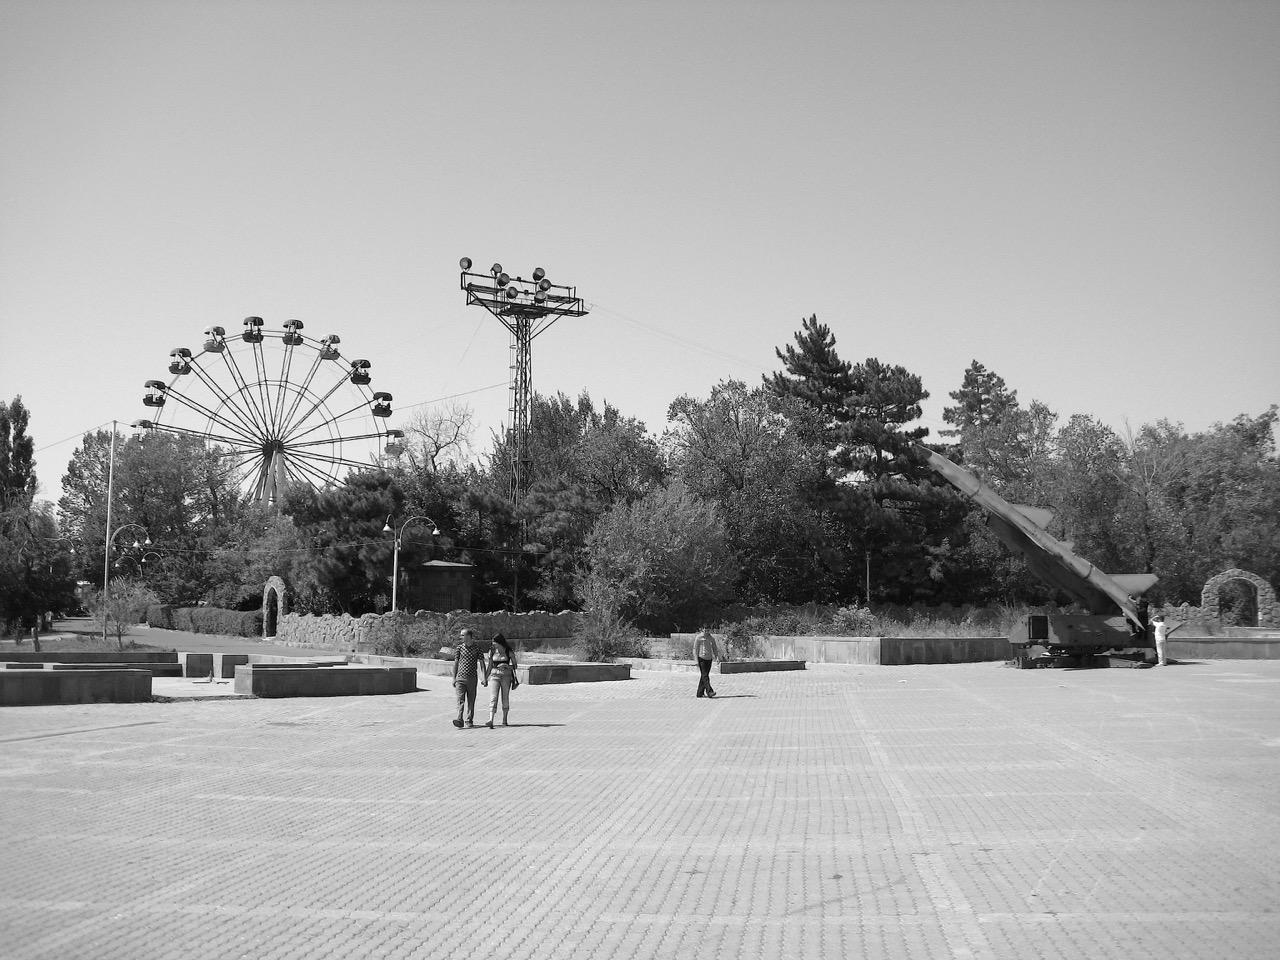 Foto: Sonntagsspaziergang. Aus: Eriwan. Kapitel 5. Aufzeichnungen aus Armenien von Marc Degens.